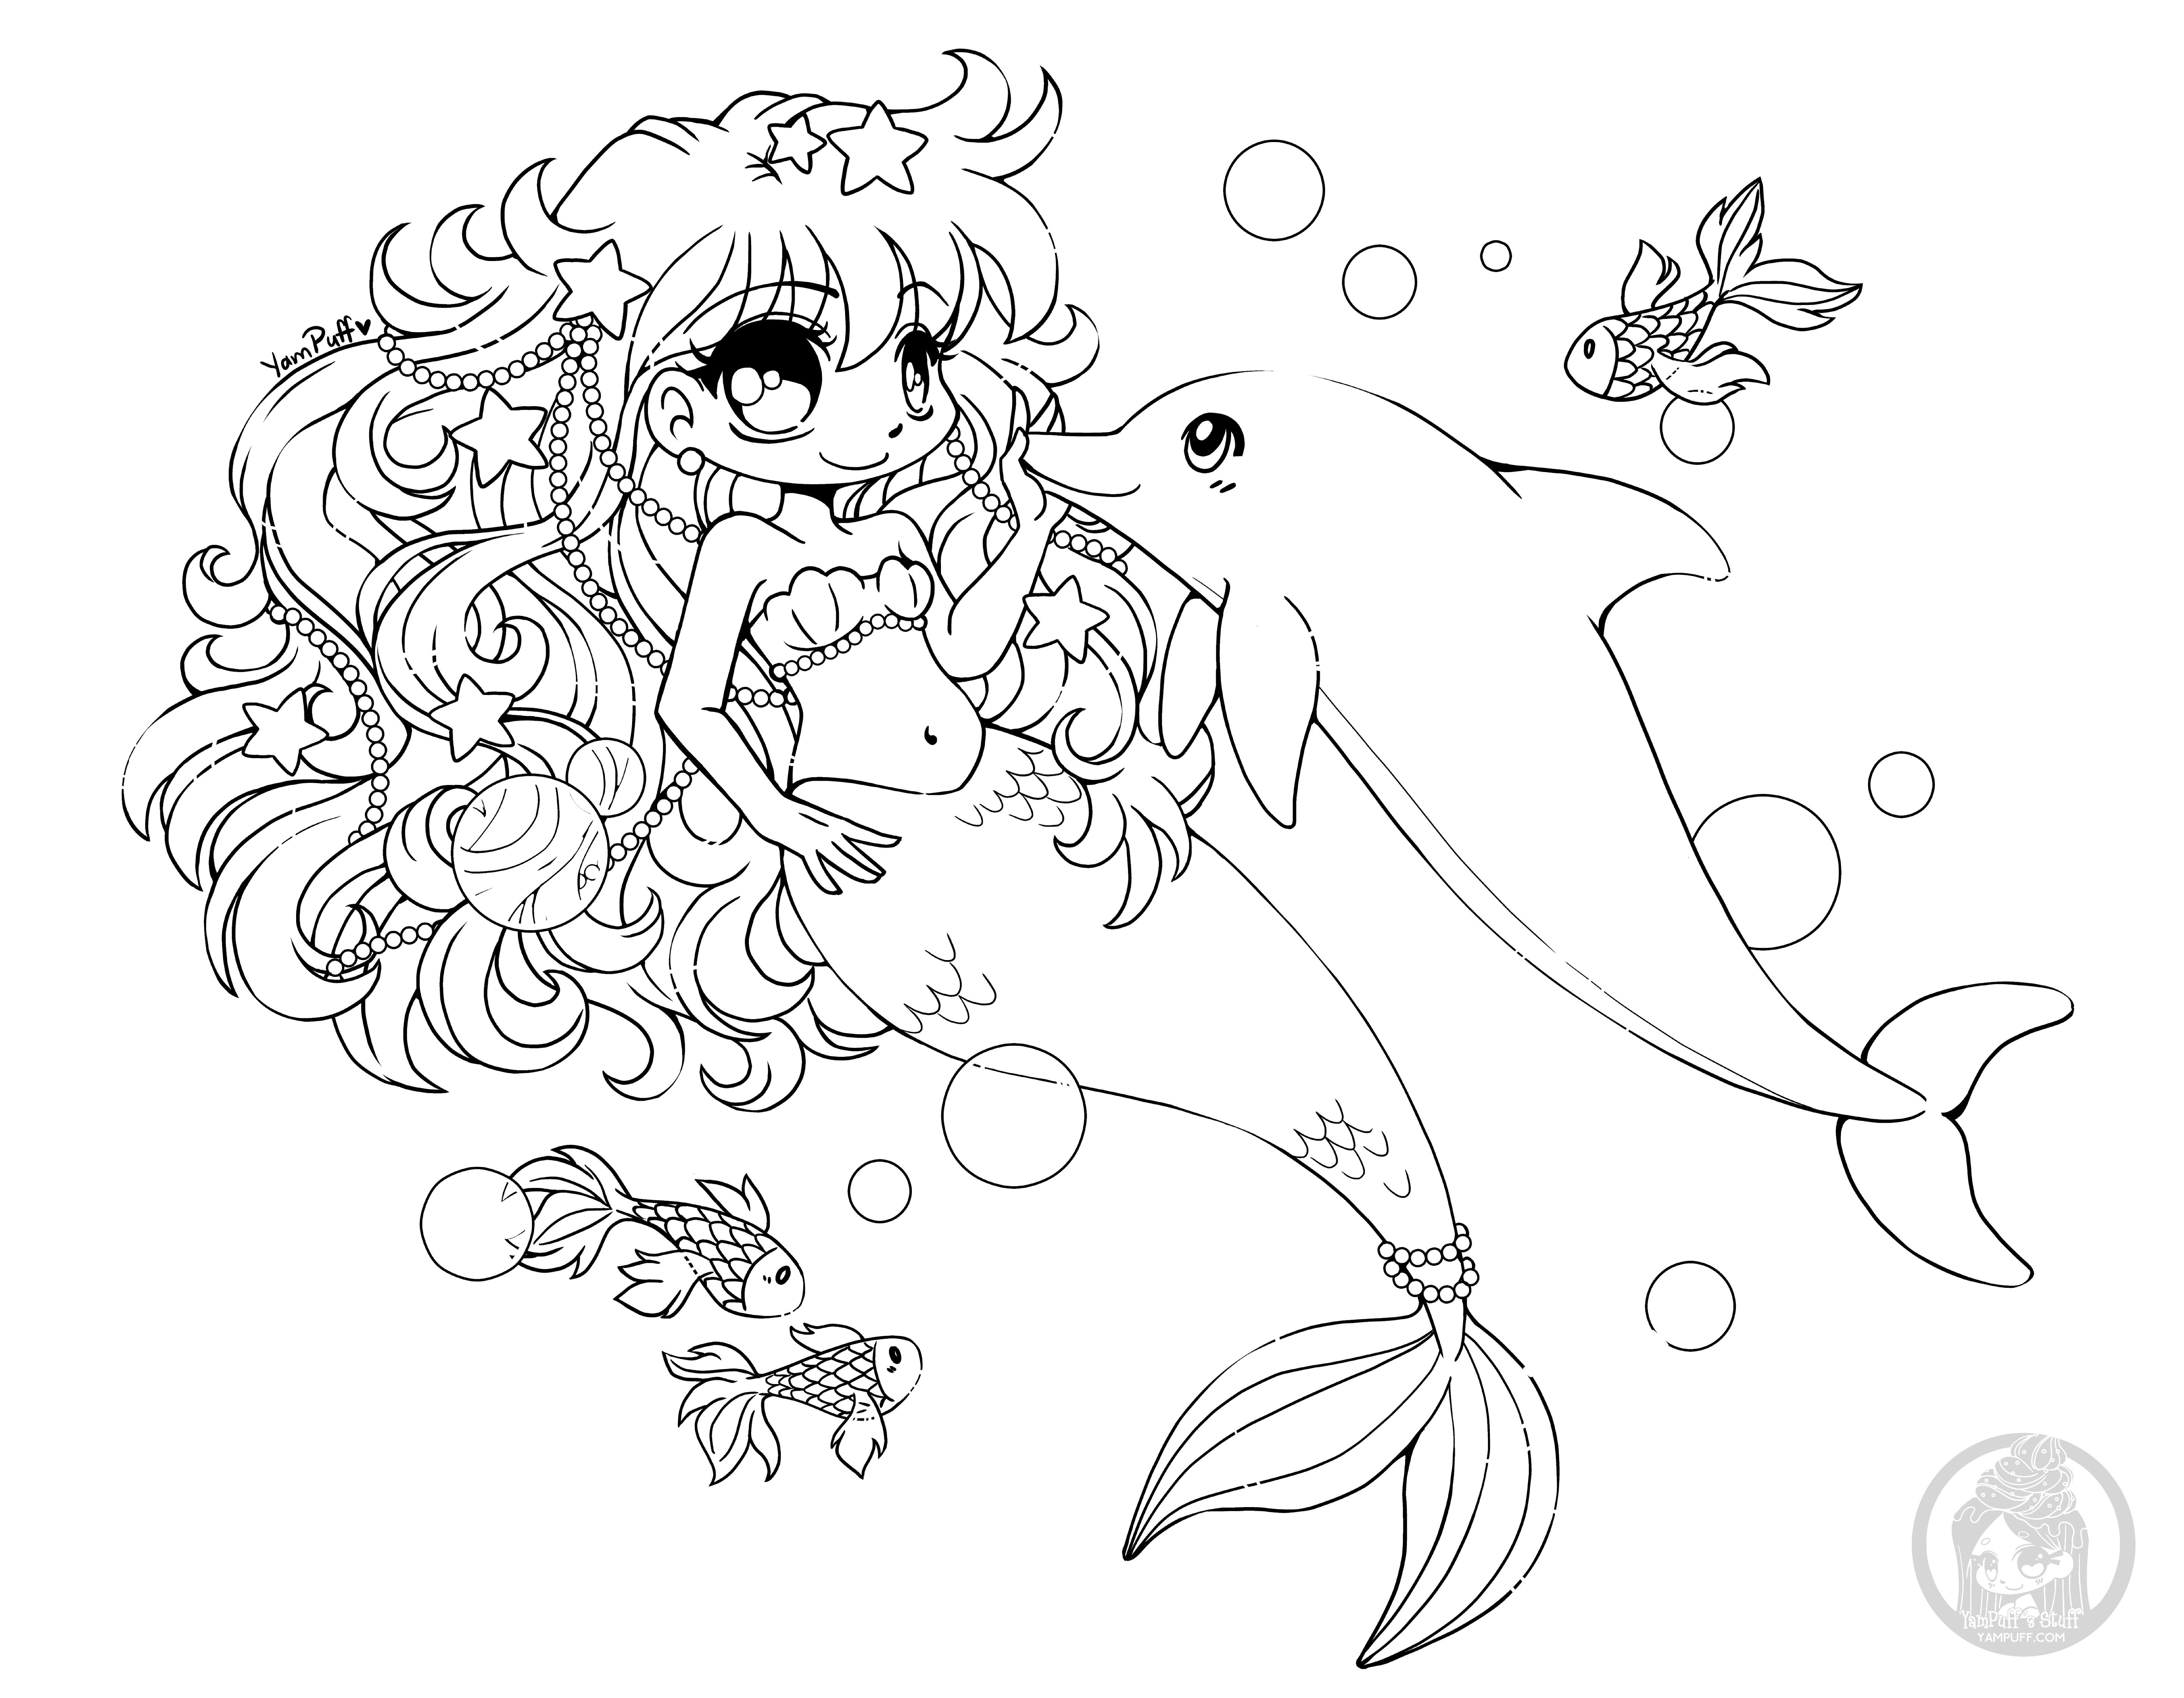 Coloring Page Coloring Pages Mermaid Coloring Pages Chibi Coloring Pages Mermaid Coloring Pages Mermaid Coloring